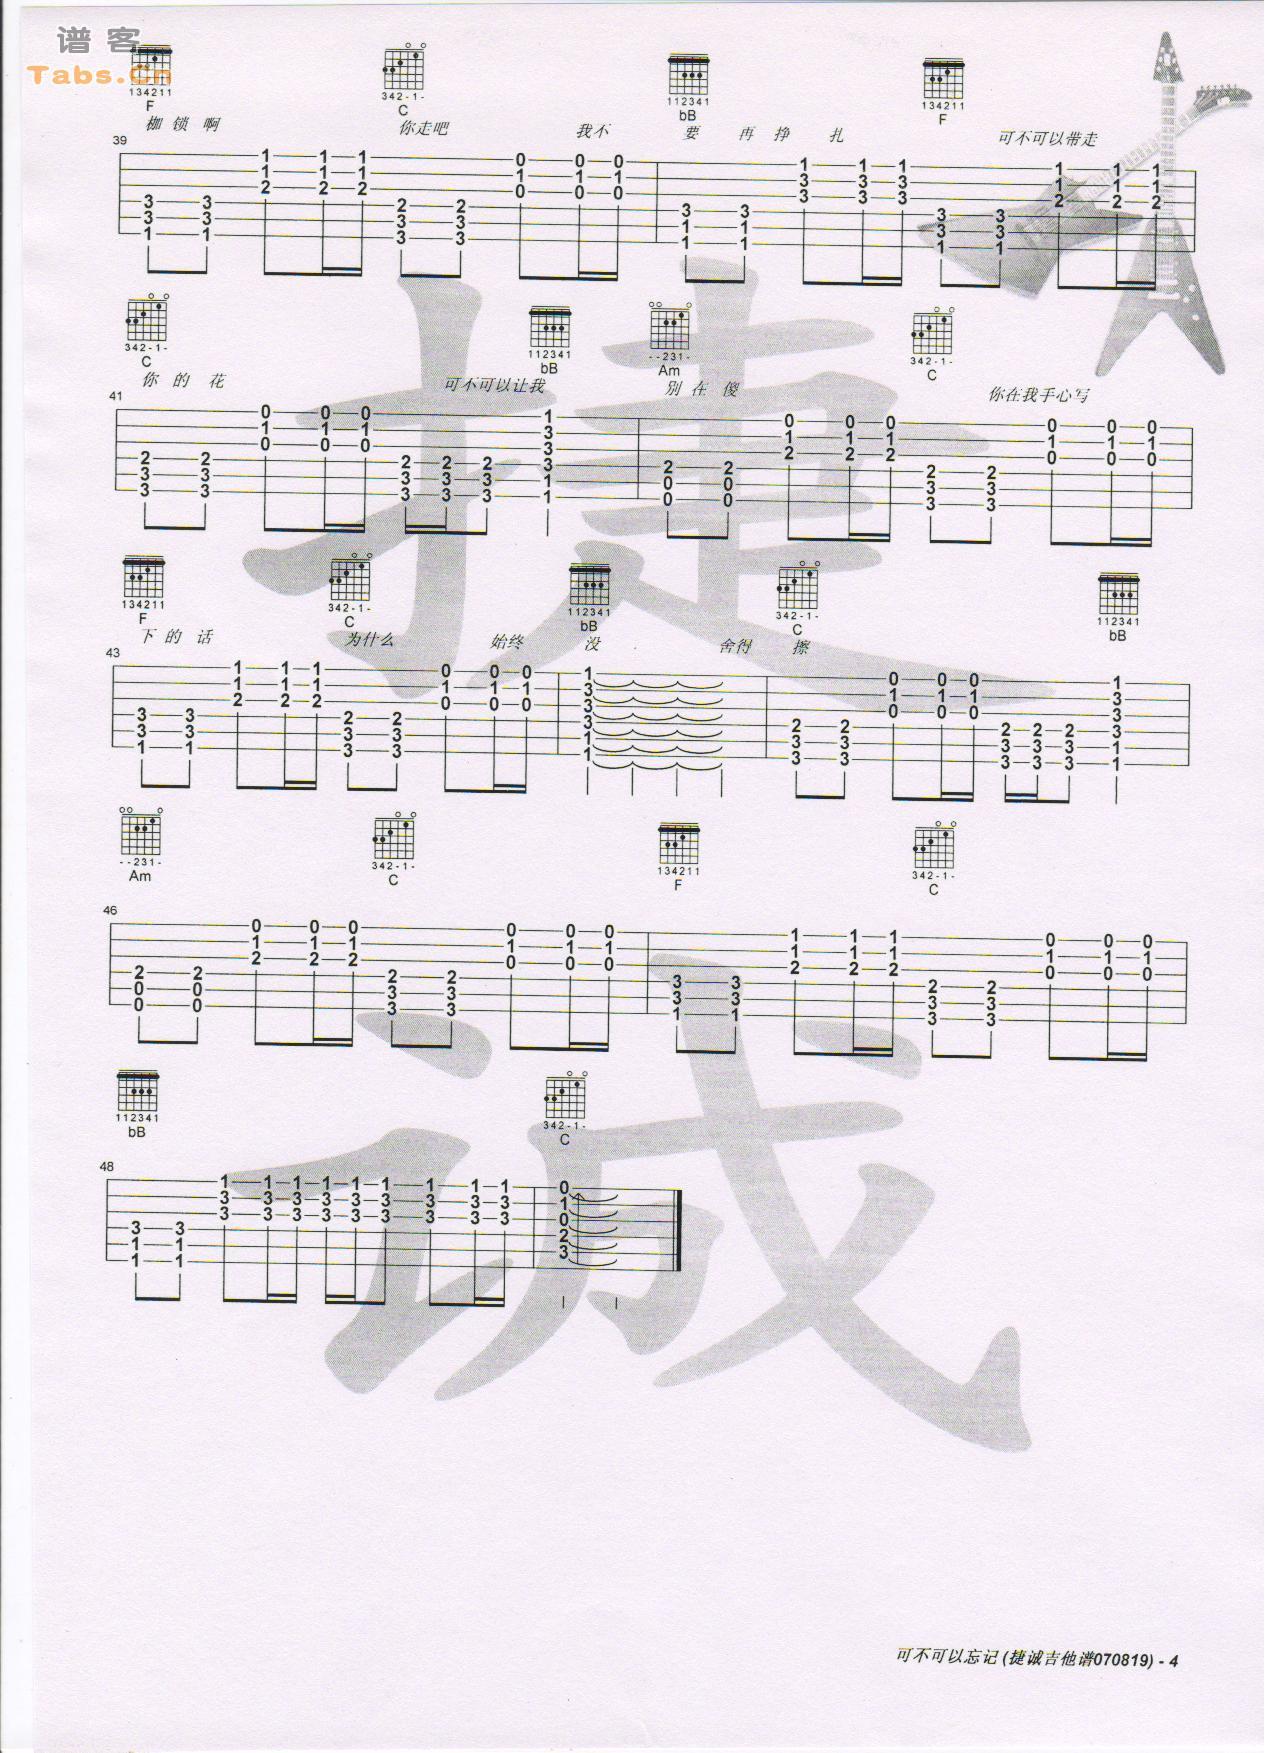 可不可以忘记 的吉他谱 - 彼岸吉他中国第一吉他网络图片